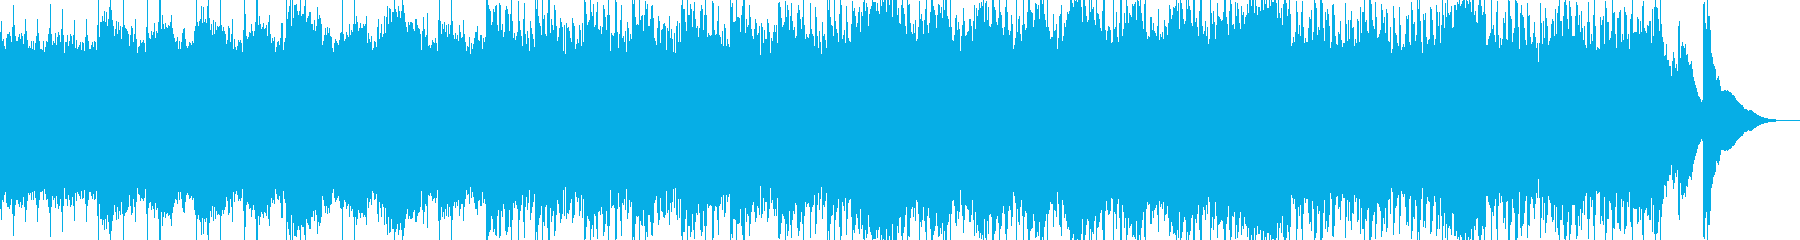 アップテンポのわくわくしたBGMの再生済みの波形